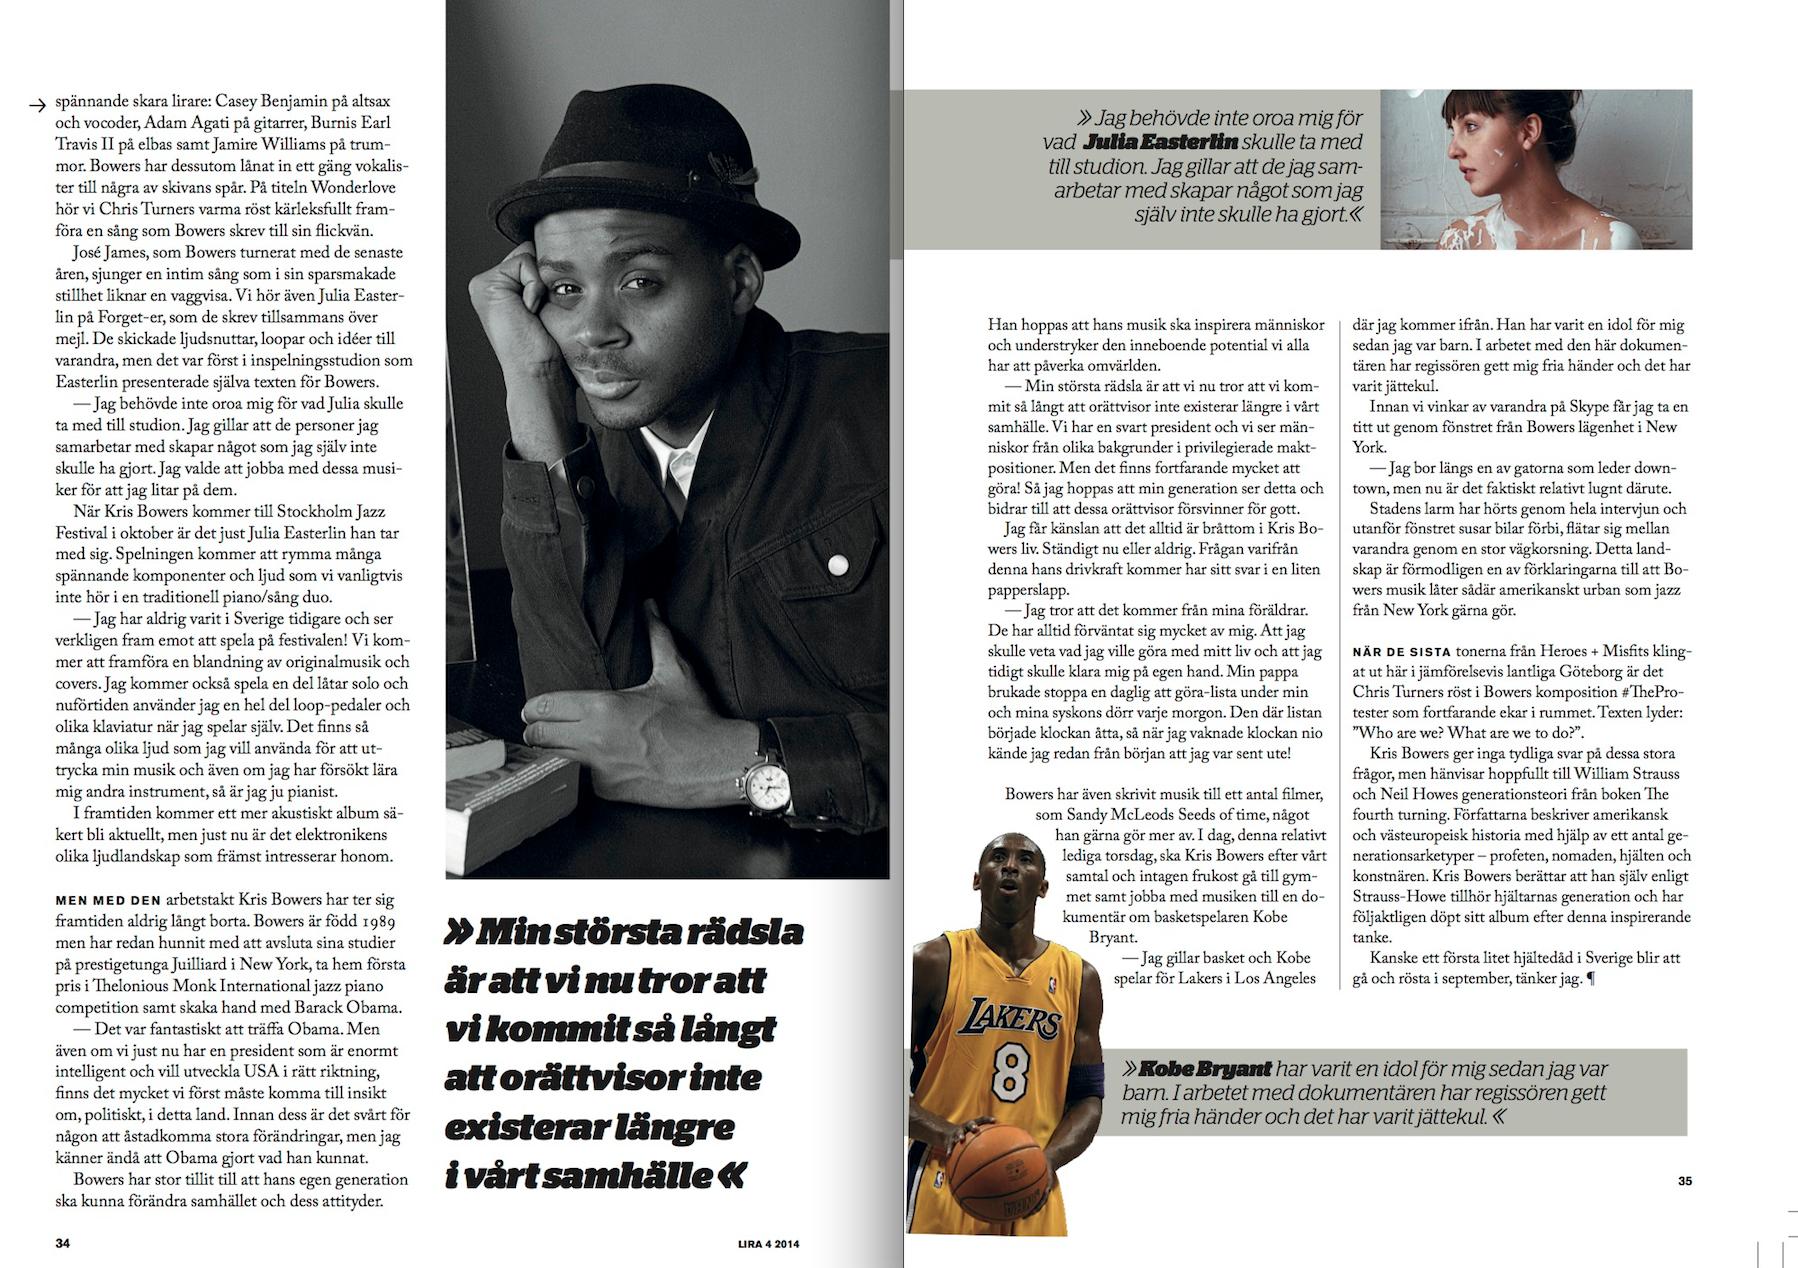 Lira-intervju-sid-3-4-Kris-Bowers.png